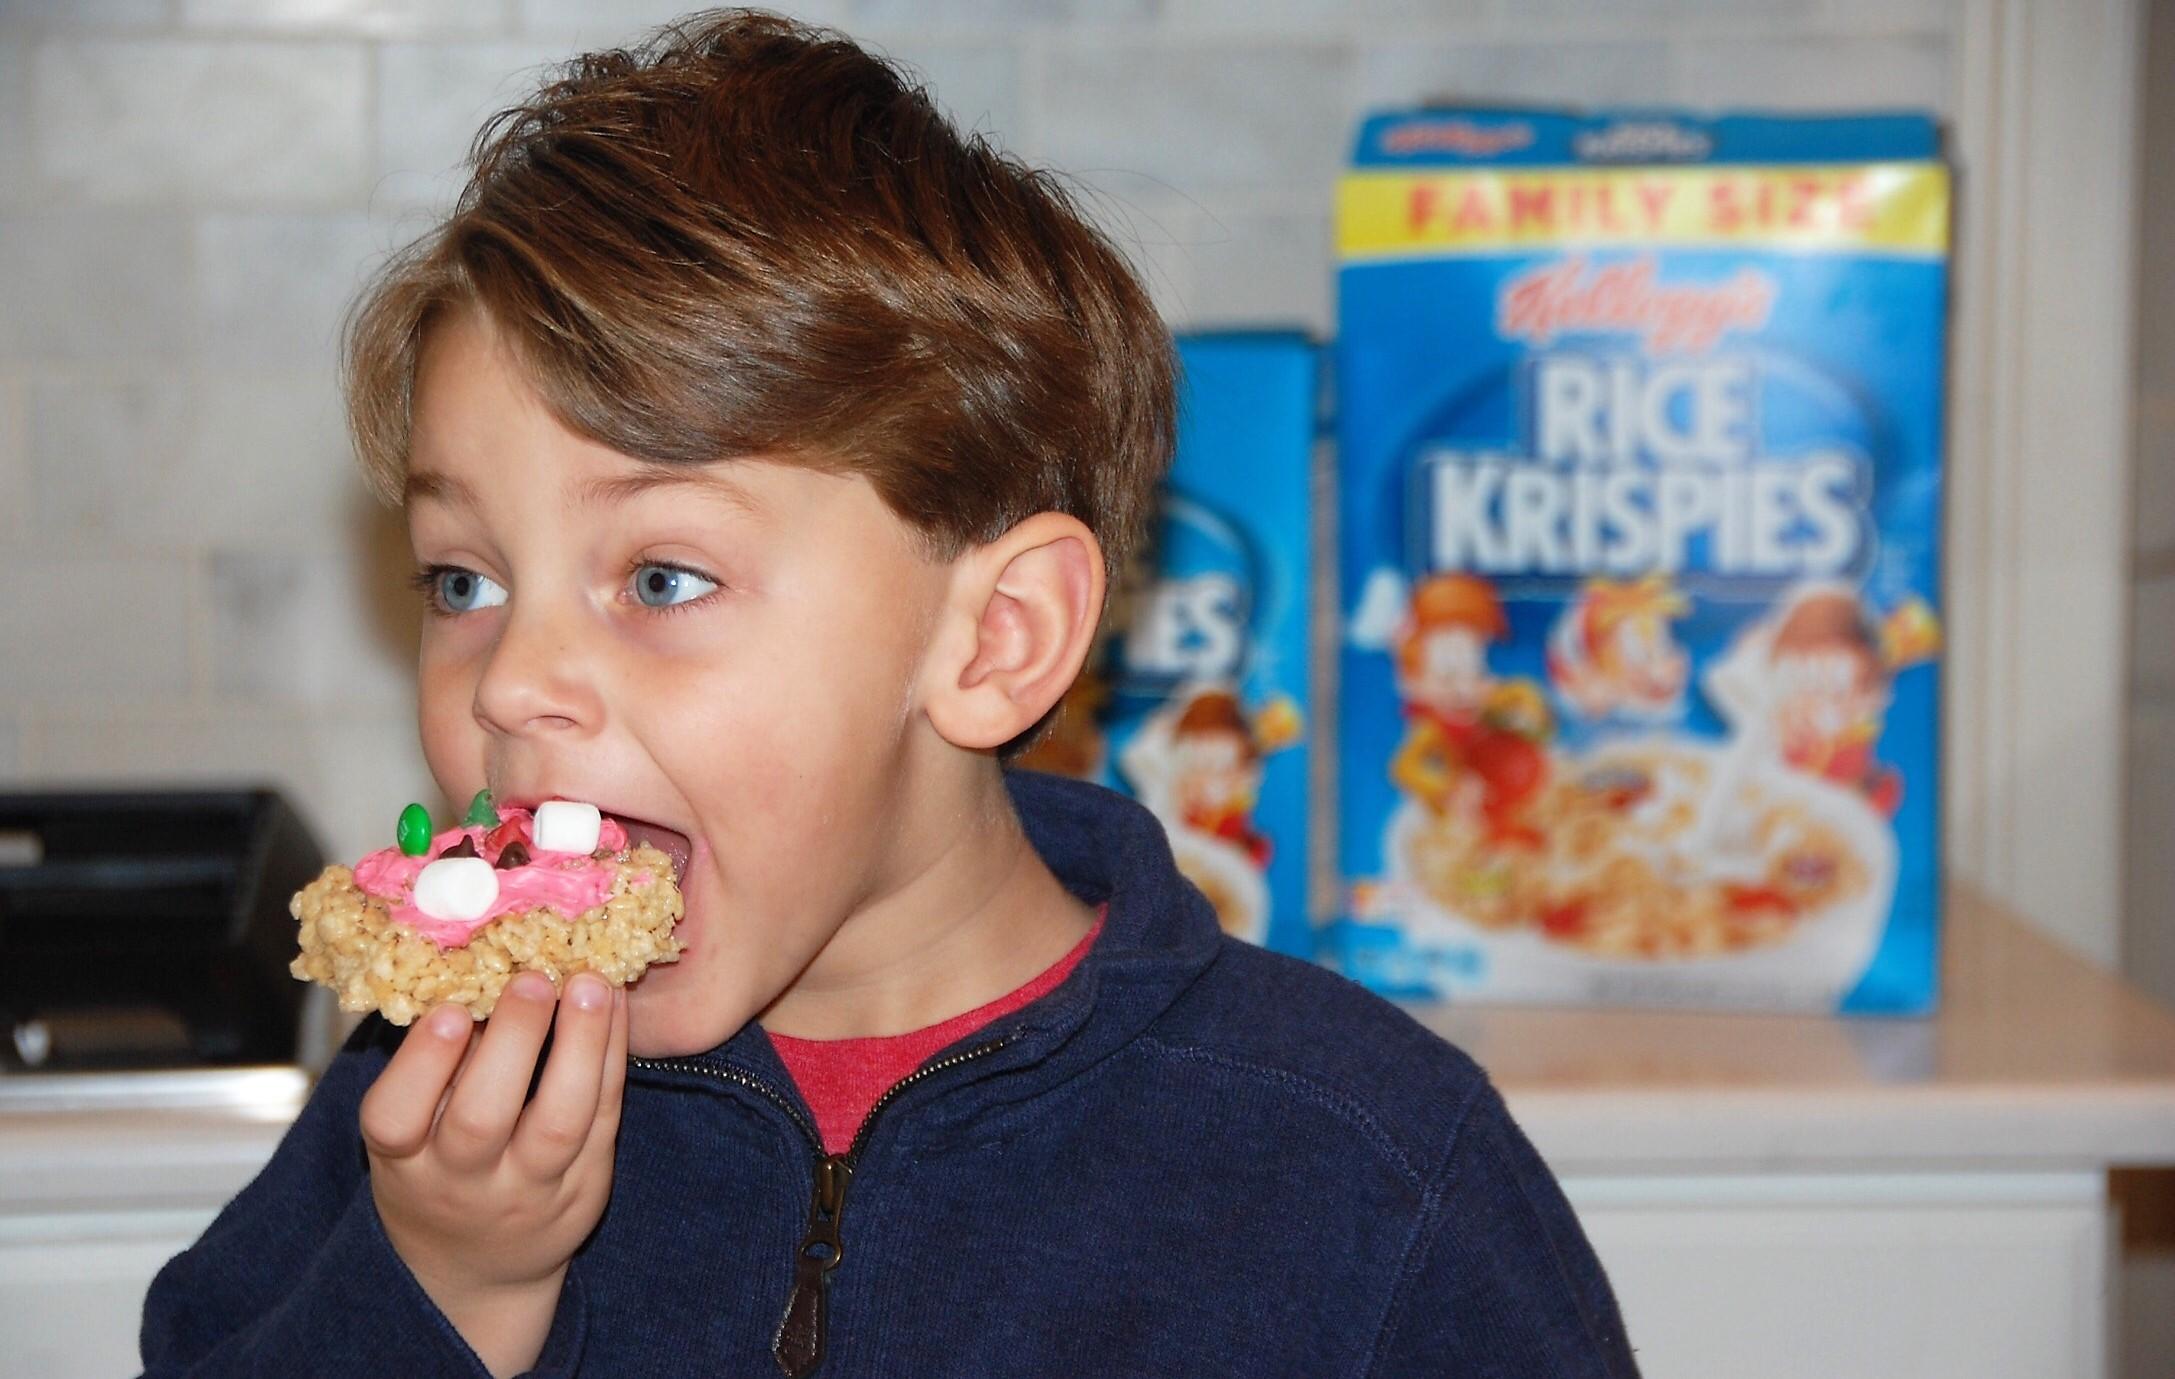 Knox Bishop eating Rice Krispies Treats